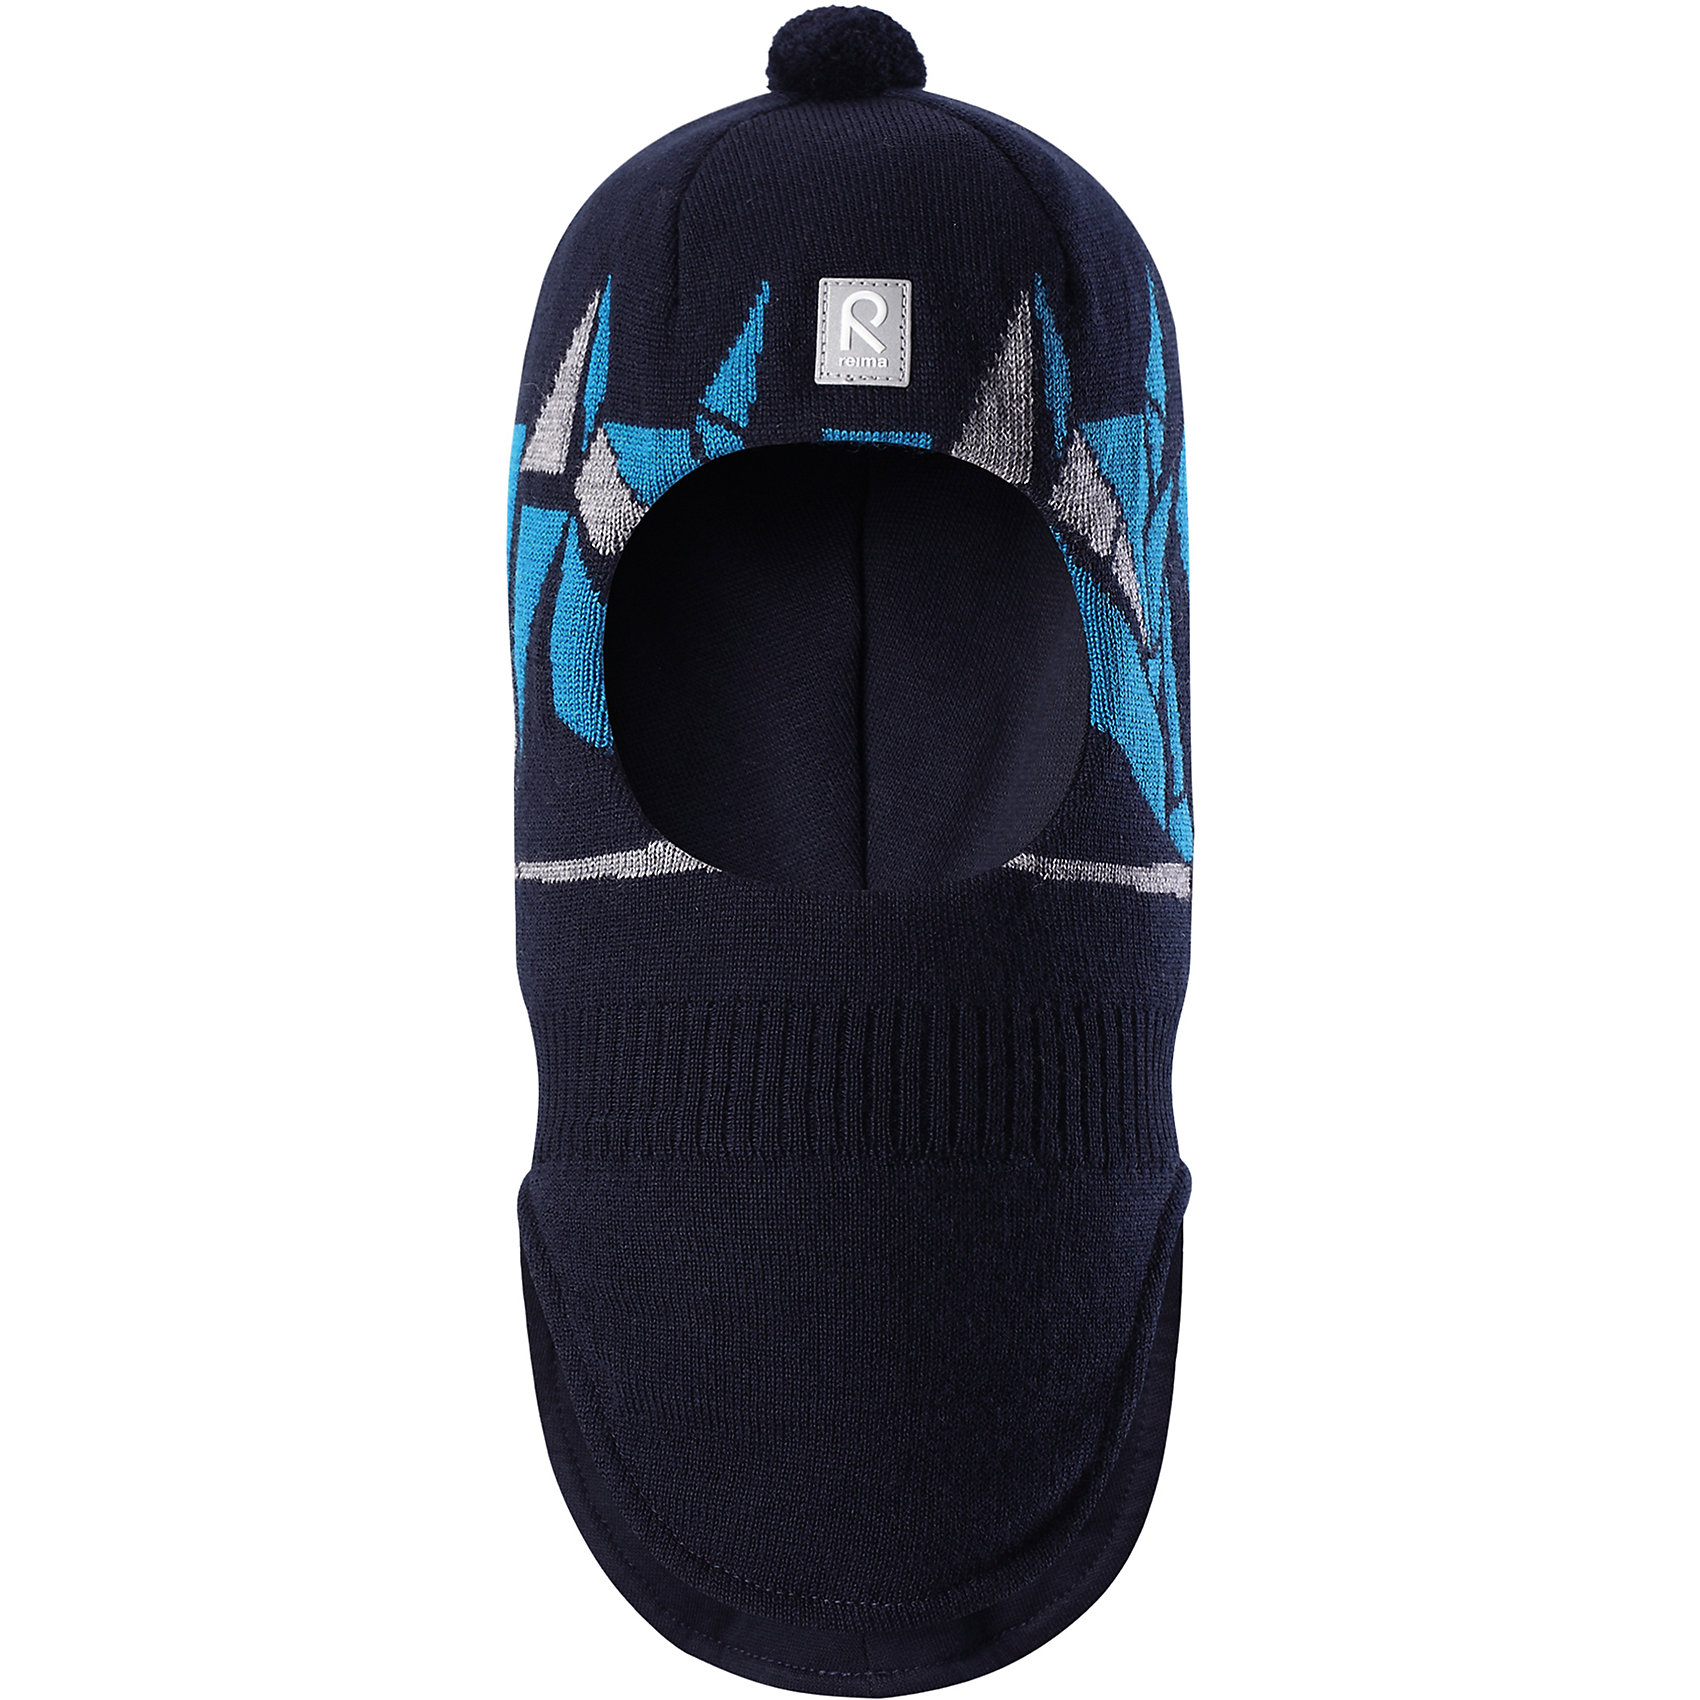 Шапка-шлем Reima Multe для мальчикаШапки и шарфы<br>Характеристики товара:<br><br>• цвет: синий/голубой;<br>• состав: 100% шерсть;<br>• подкладка: 97% хлопок, 3% эластан;<br>• утеплитель: 40 г/м2;<br>• сезон: зима;<br>• температурный режим: от 0 до -20С;<br>• мягкая ткань из мериносовой шерсти для поддержания идеальной температуры тела;<br>• ветронепроницаемые вставки в области ушей;<br>• сплошная подкладка: хлопковый трикотаж с эластаном;<br>• шапка-шлем с помпоном сверху;<br>• логотип Reima® спереди;<br>• страна бренда: Финляндия;<br>• страна изготовитель: Китай.<br><br>Мягкая и удобная шапка-шлем для малышей превосходно согреет в зимний день. Она сделана из мягкой мериносовой шерсти, которая превосходно регулирует температуру. Снабжена полной подкладкой из удобного джерси из смеси хлопка и эластана, легким утеплителем и ветронепроницаемыми вставками в области ушей. Сплошной жаккардовый вязаный узор и помпон на макушке.<br><br>Шапку-шлем Multe для мальчика Reima от финского бренда Reima (Рейма) можно купить в нашем интернет-магазине.<br><br>Ширина мм: 89<br>Глубина мм: 117<br>Высота мм: 44<br>Вес г: 155<br>Цвет: синий<br>Возраст от месяцев: 72<br>Возраст до месяцев: 84<br>Пол: Мужской<br>Возраст: Детский<br>Размер: 54,50,52<br>SKU: 6902639